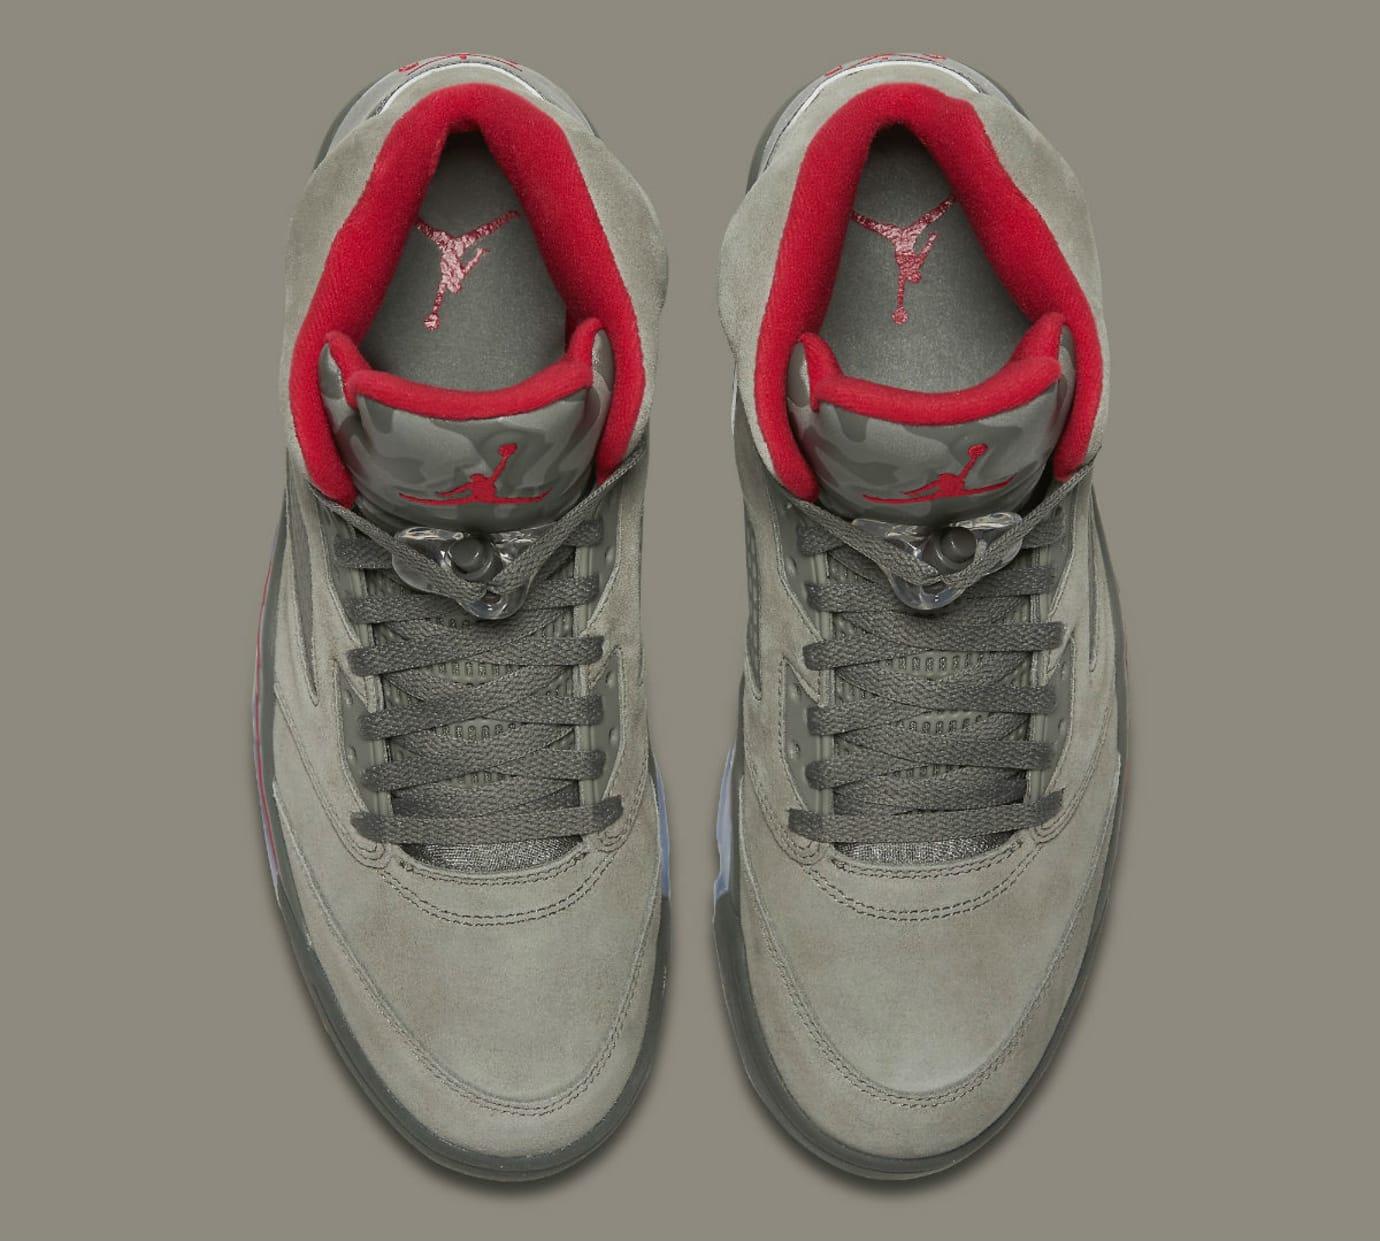 Air Jordan 5 Camo Release Date Top 136027-051